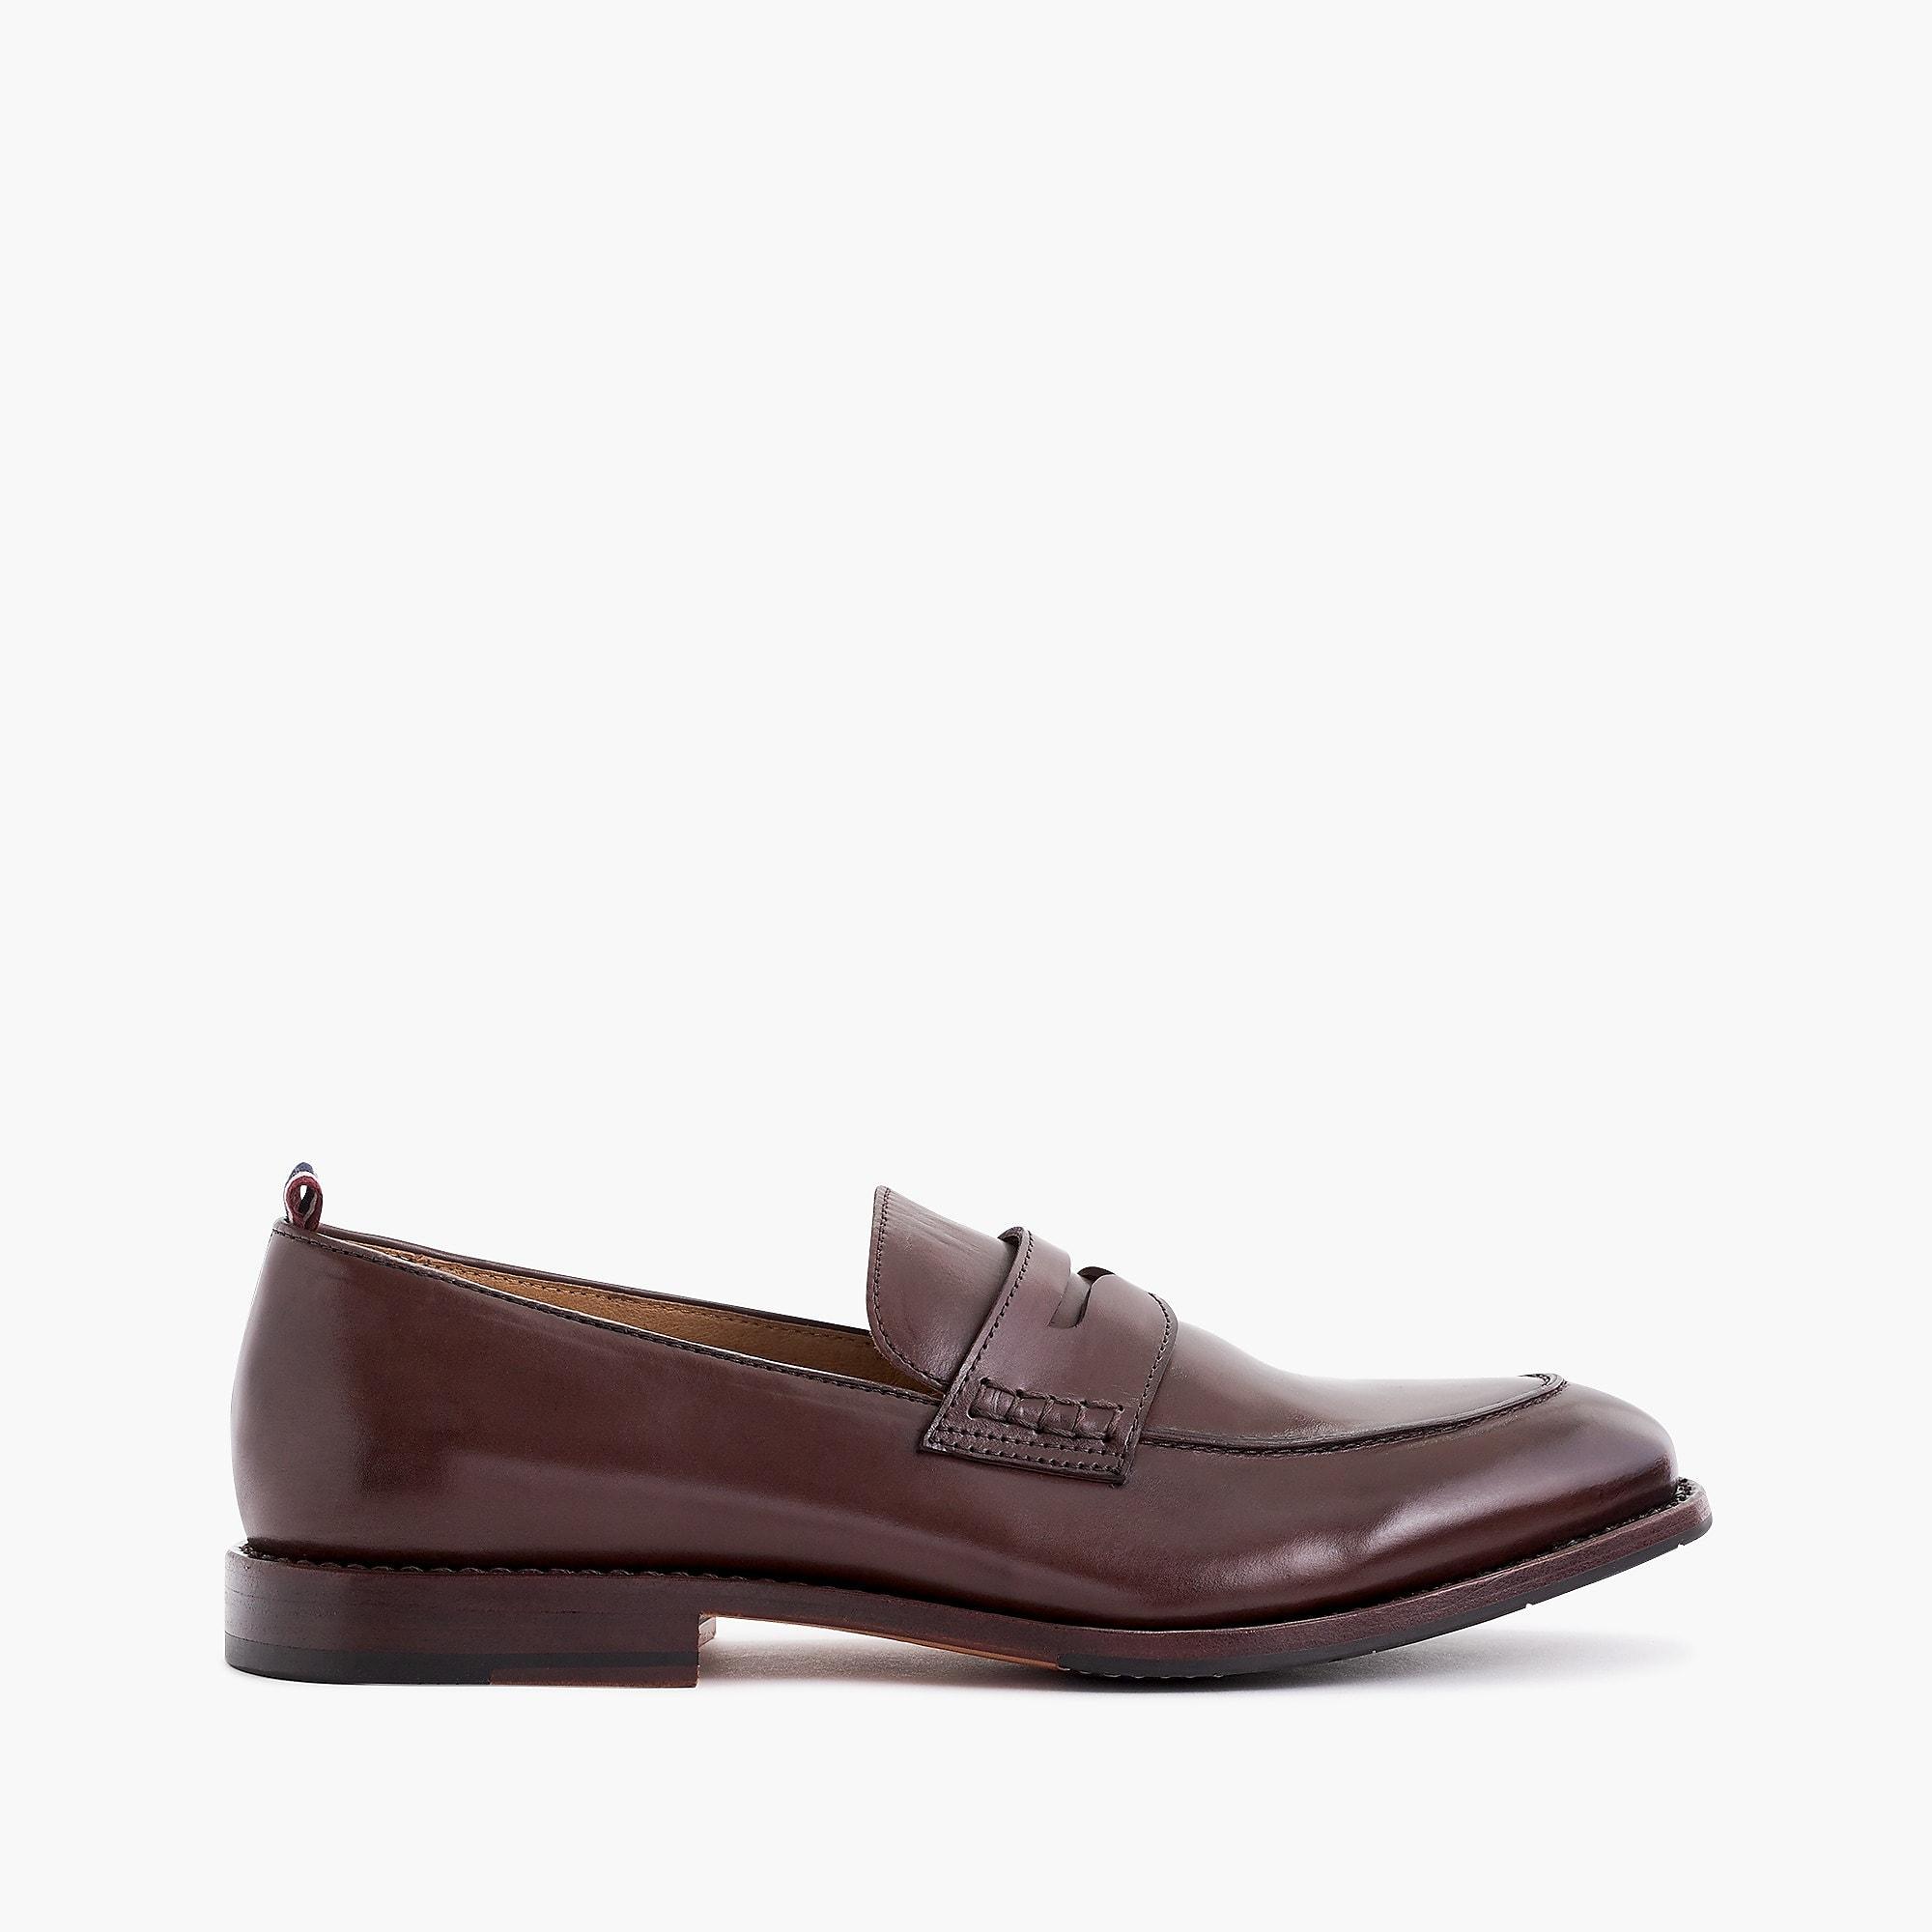 18ba01e5b86f0 J.Crew Brown Oar Stripe Penny Loafers In Italian Leather for men. View  fullscreen